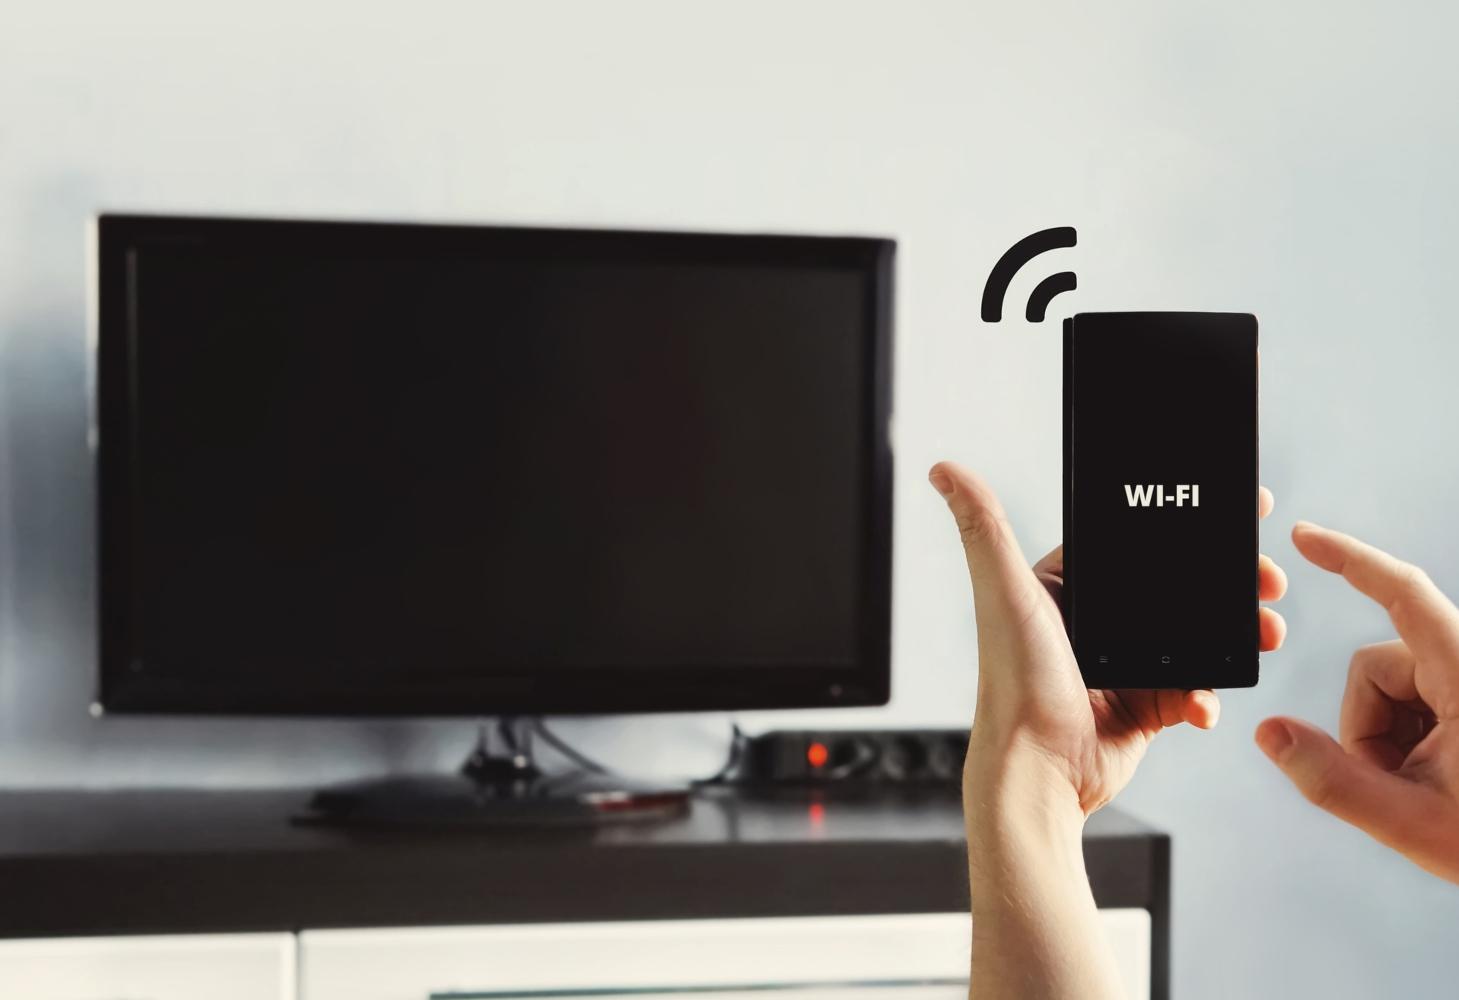 Televisão com wi-fi